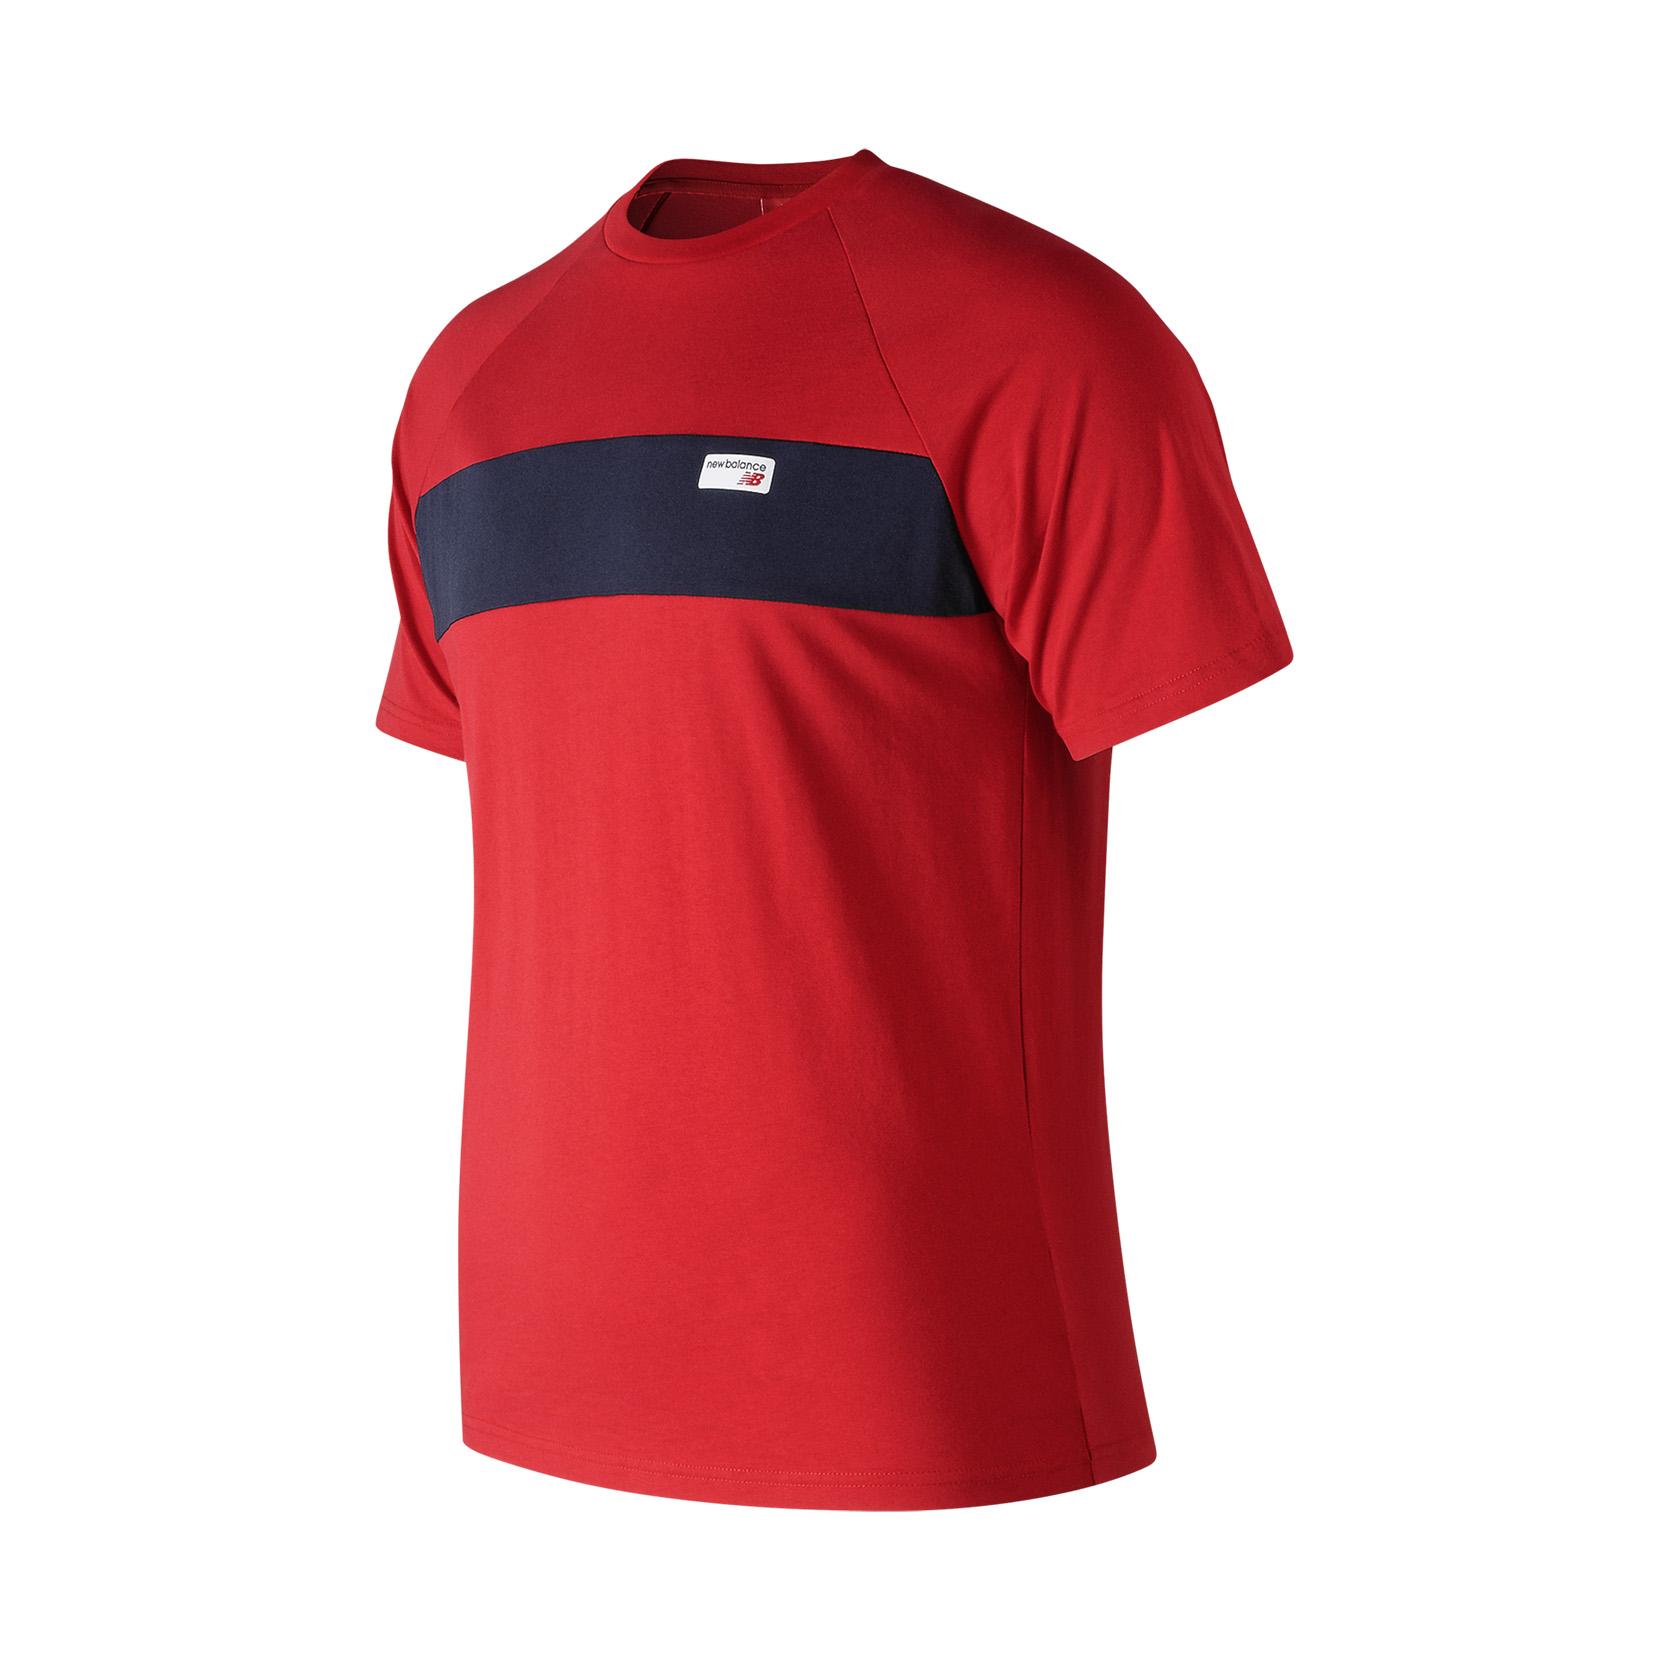 Футболка NB Athletics Raglan для чоловіків MT91510REP | New Balance